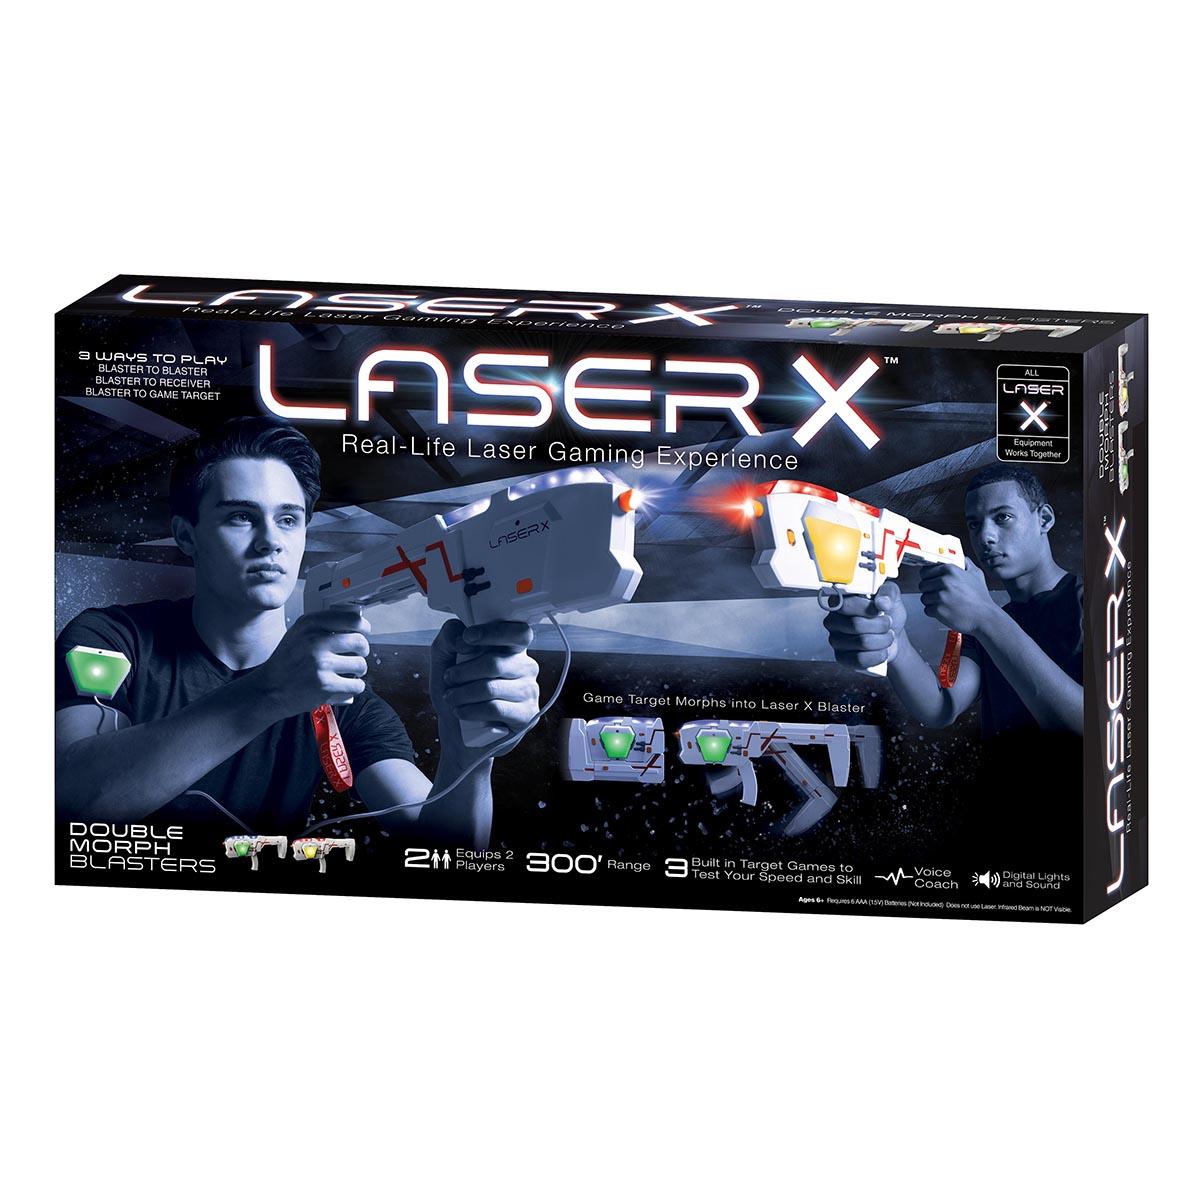 Set Blaster Laser X Morph Double